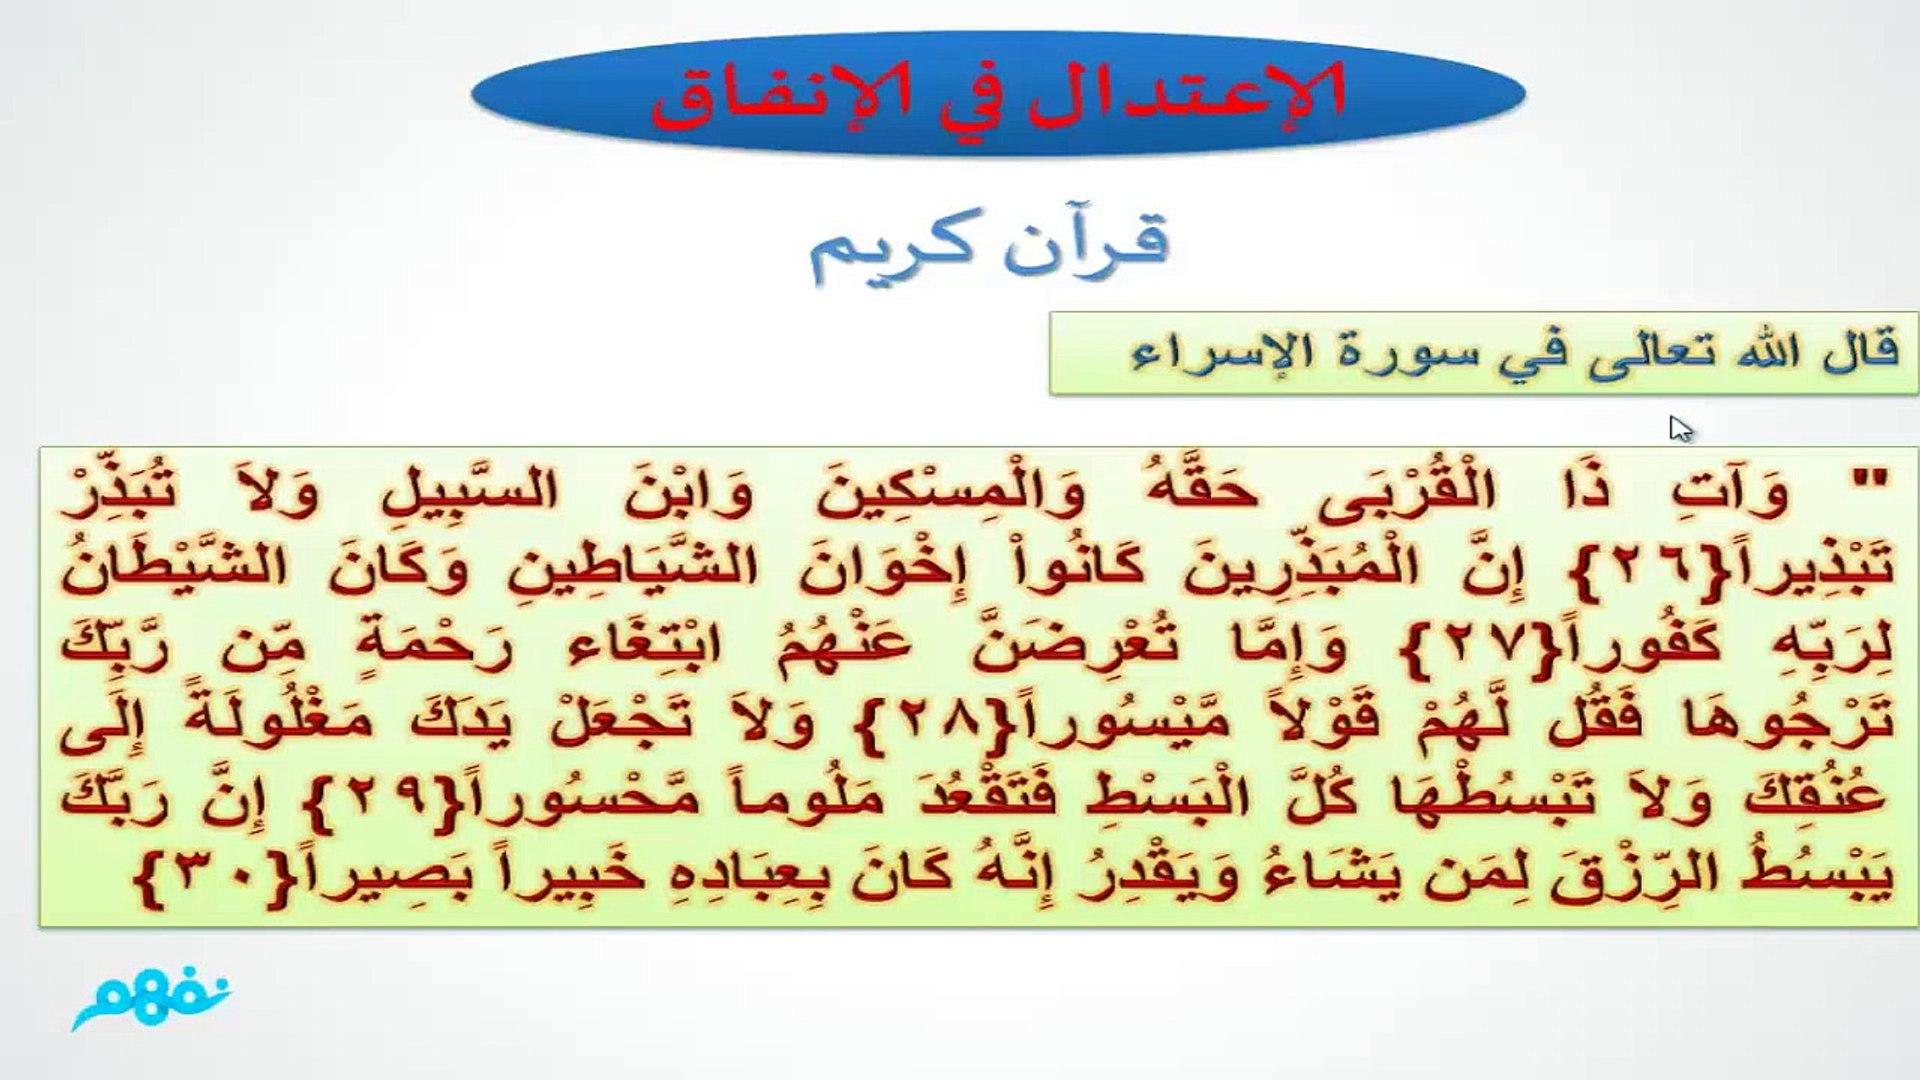 الاعتدال فى الانفاق - لغة عربية - للصف الخامس الإبتدائي - موقع نفهم - موقع نفهم